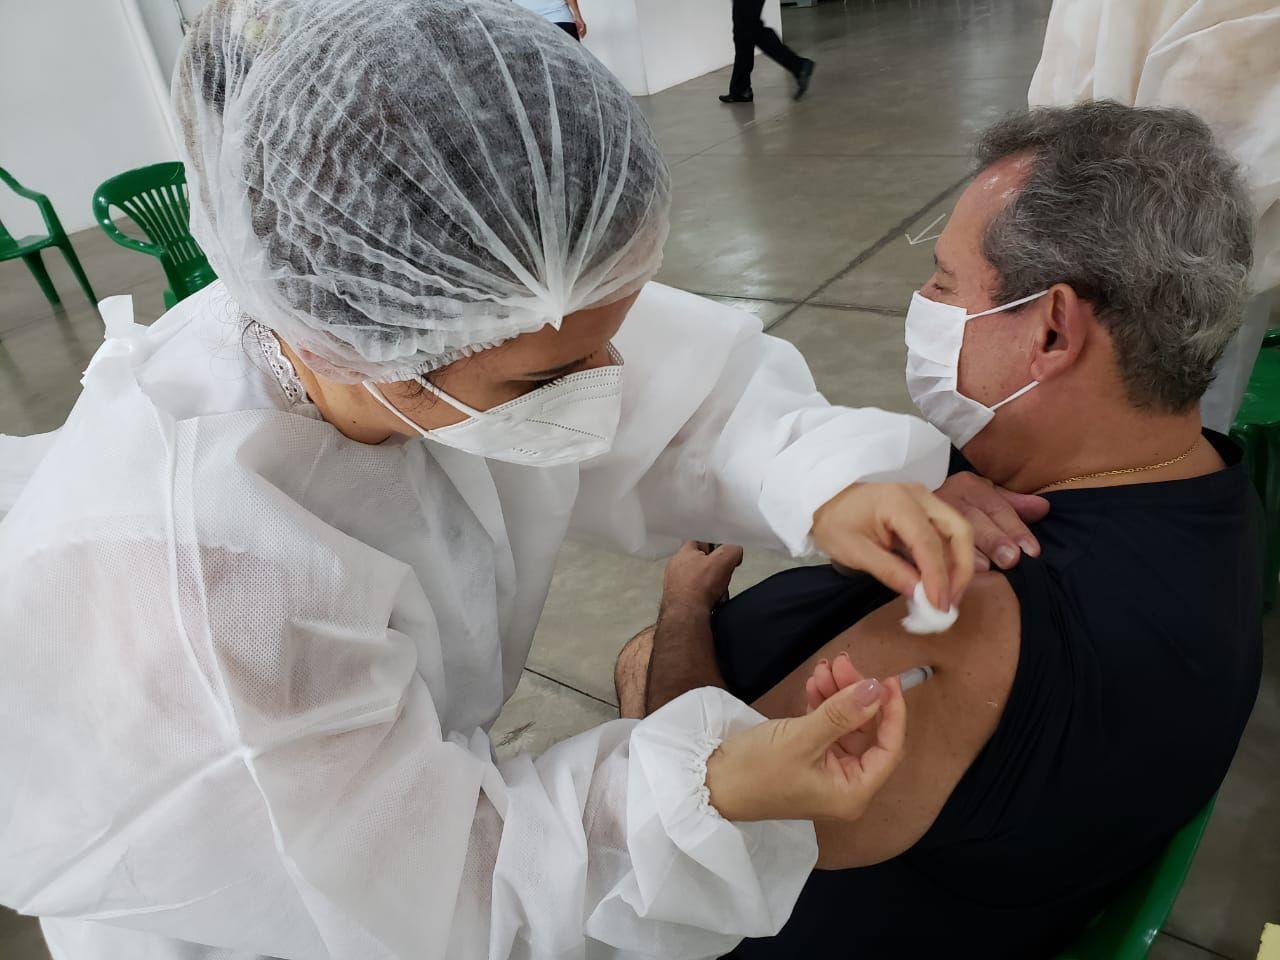 Número de vacinados contra a covid chega a 32,3 milhões; 15,2% da população - SBT Interior